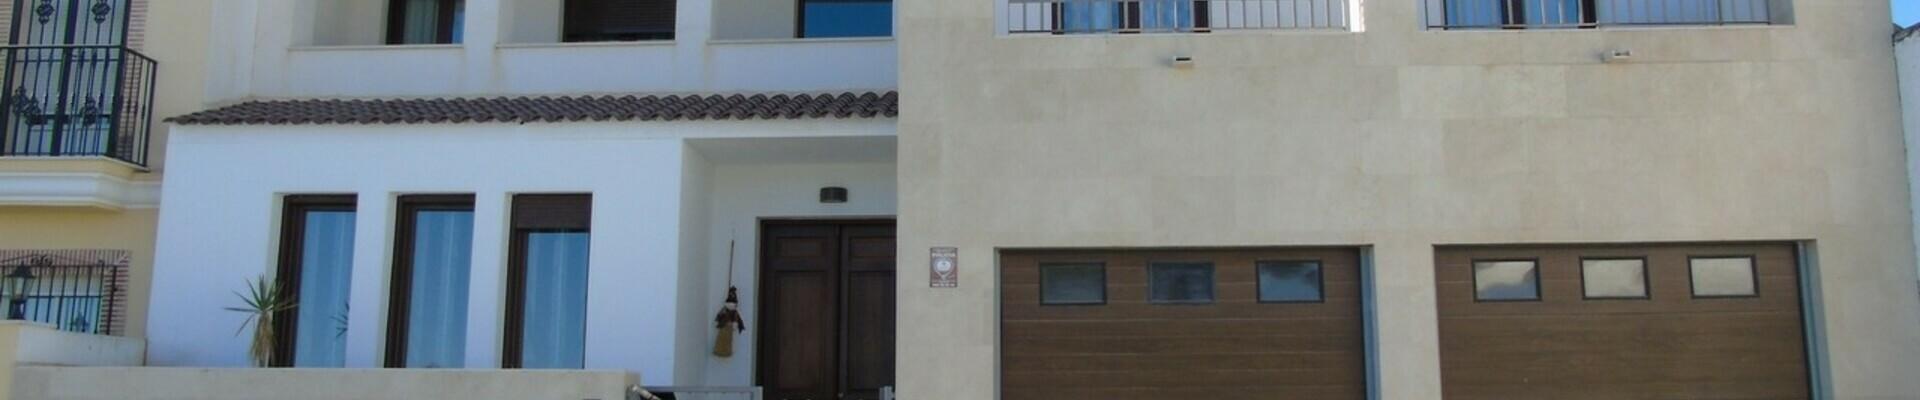 AF667: 5 Bedroom Townhouse for Sale